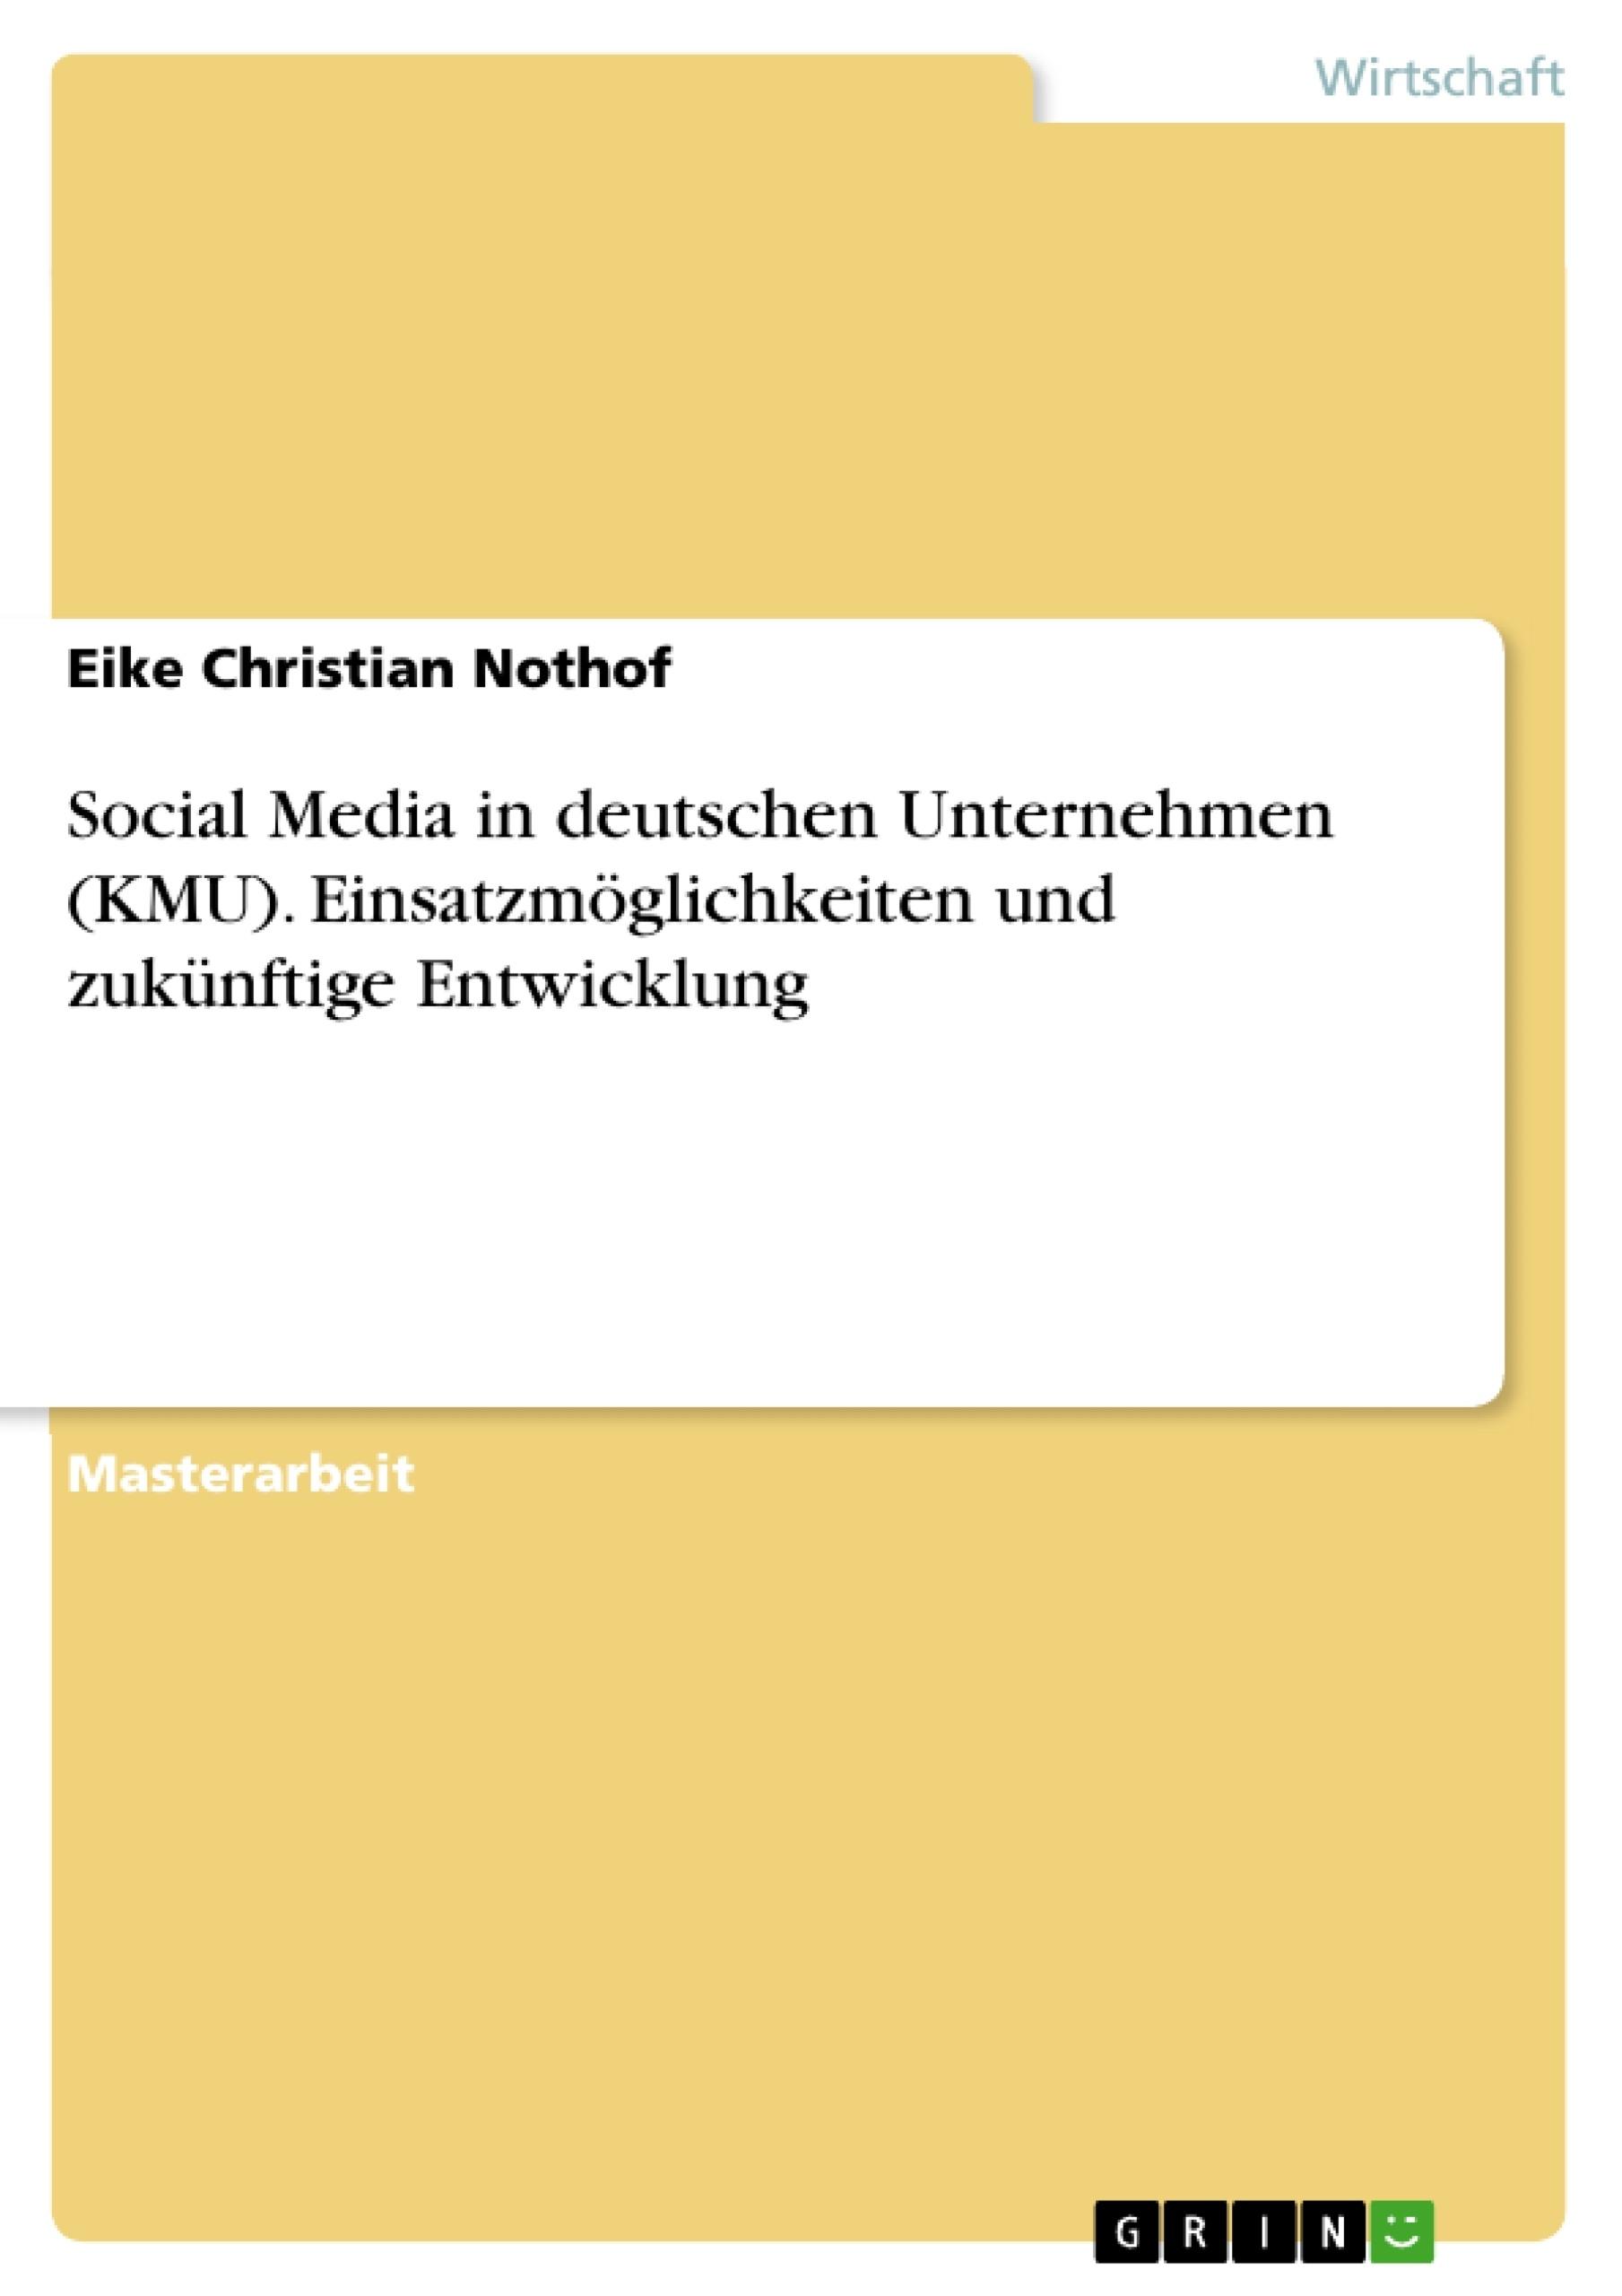 Titel: Social Media in deutschen Unternehmen (KMU). Einsatzmöglichkeiten und zukünftige Entwicklung